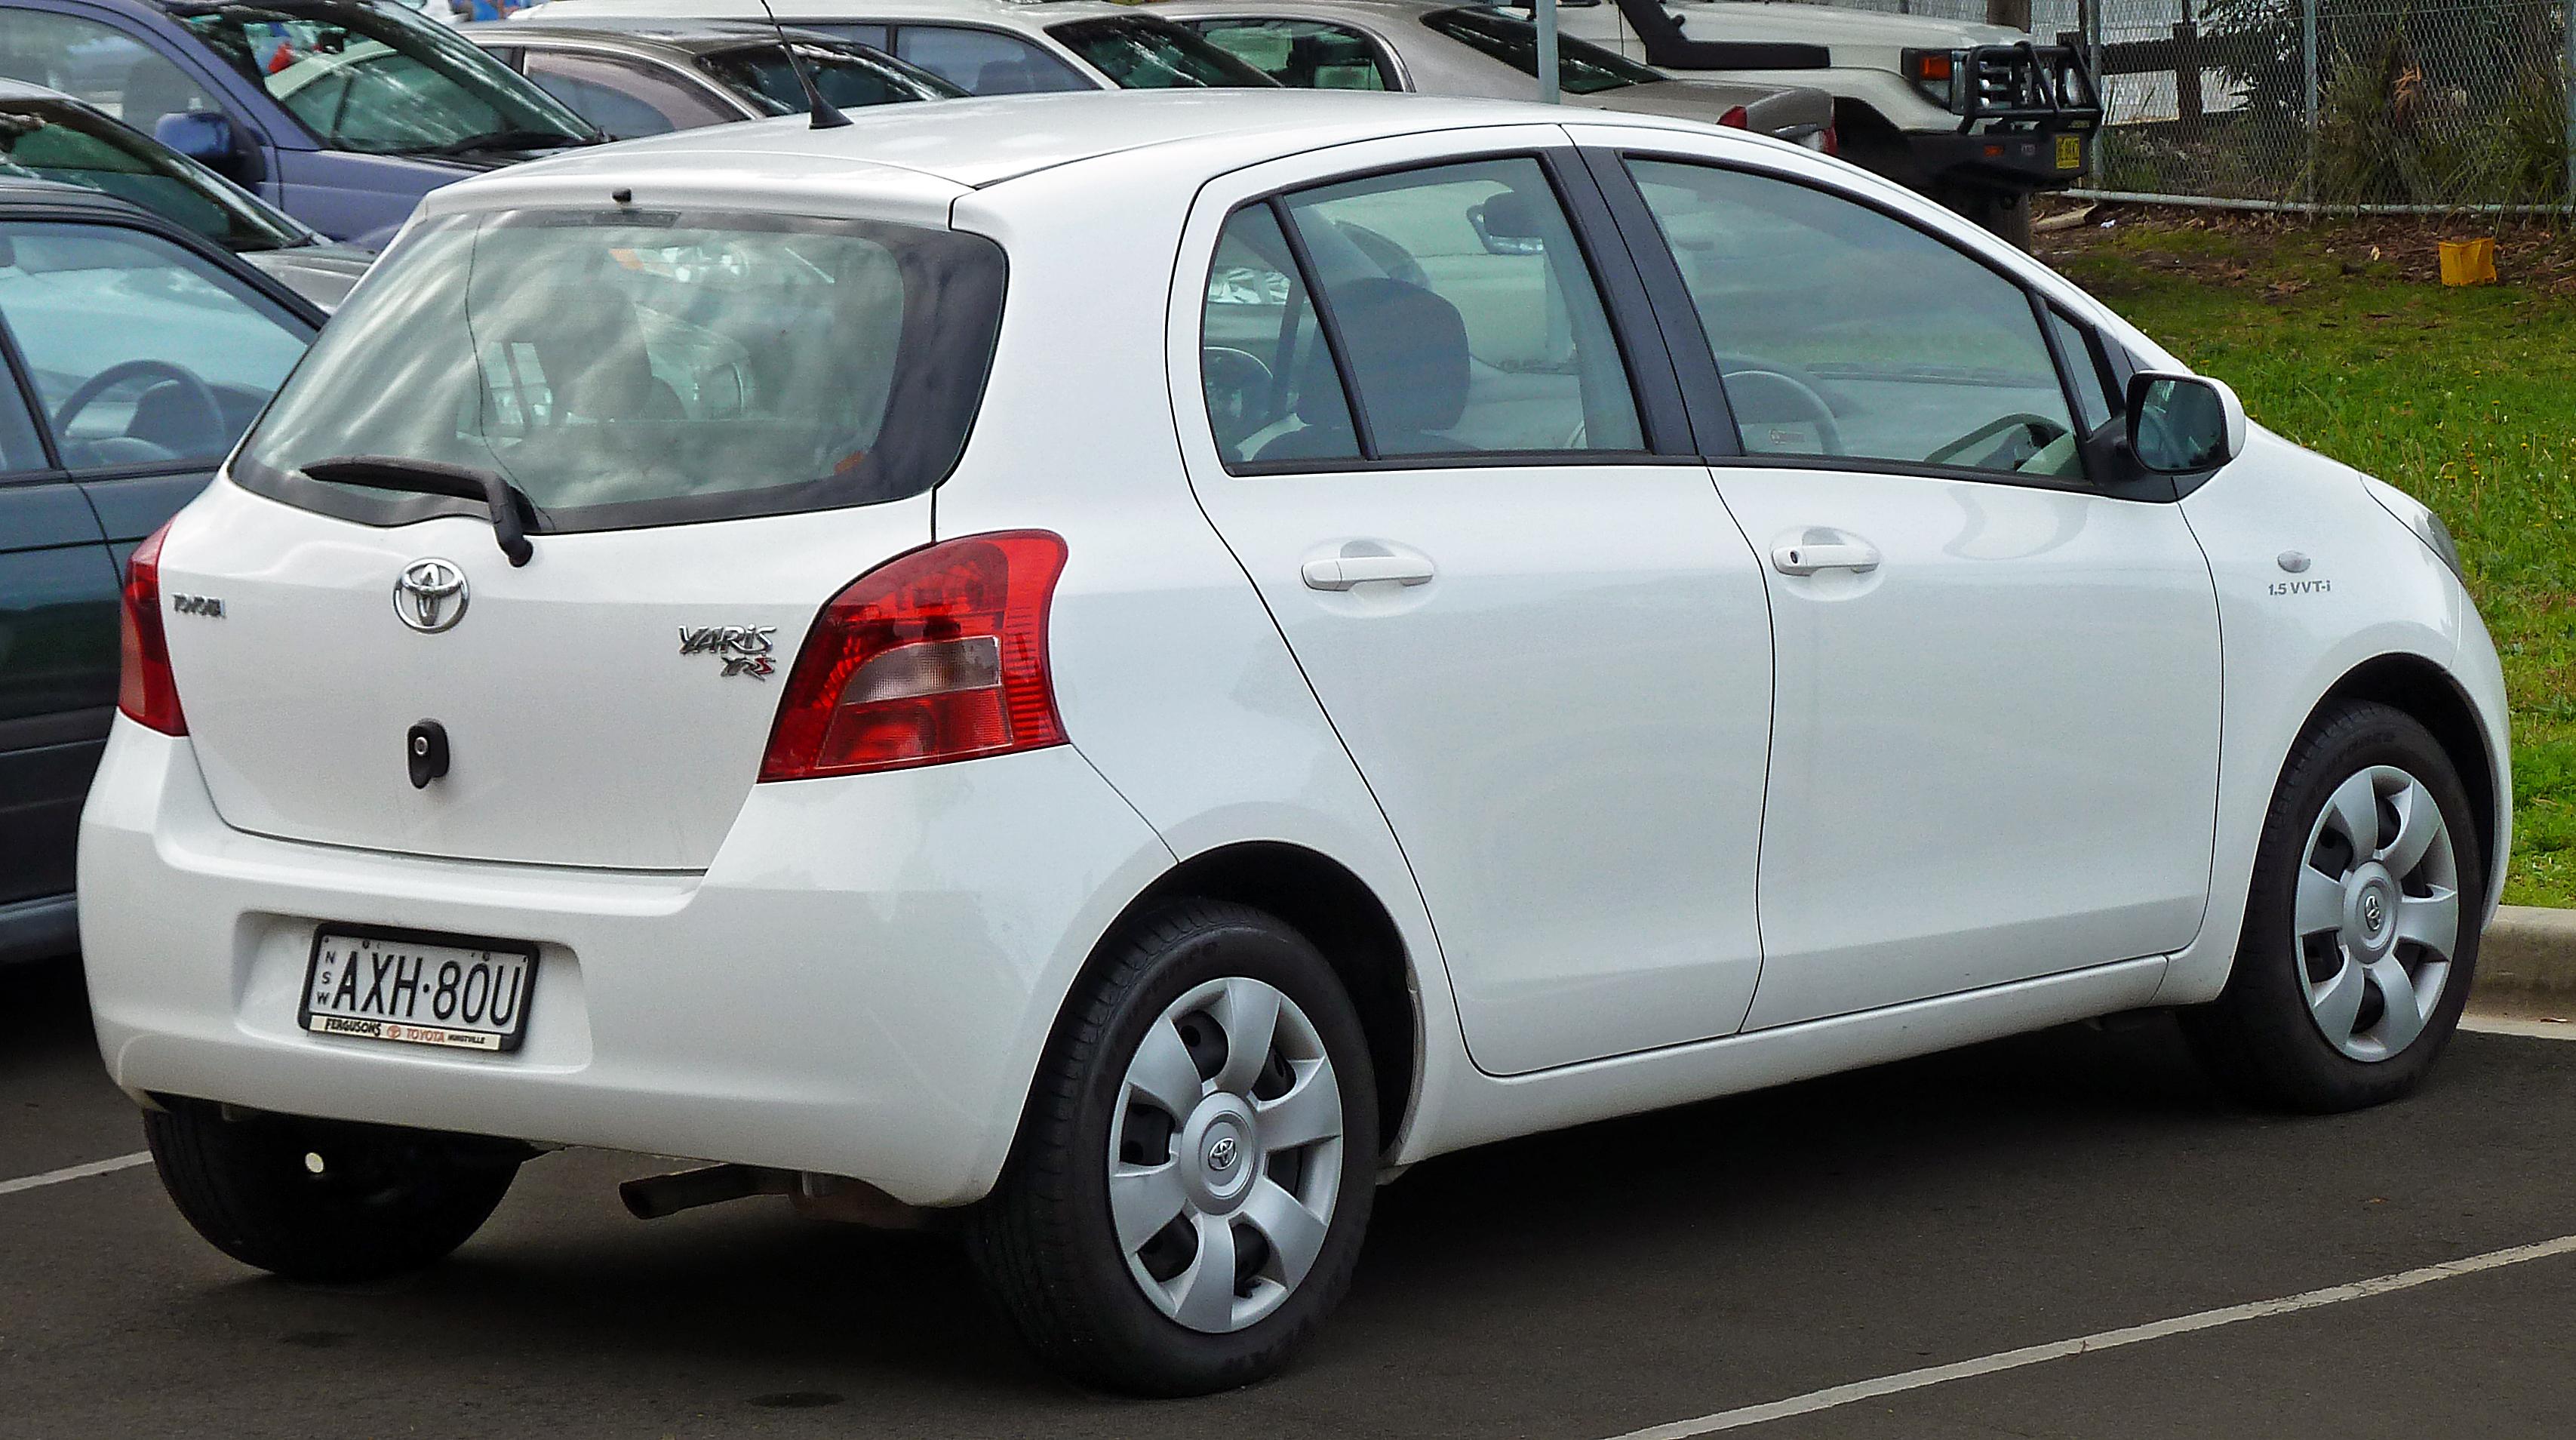 Тойота ярис 2008 фото